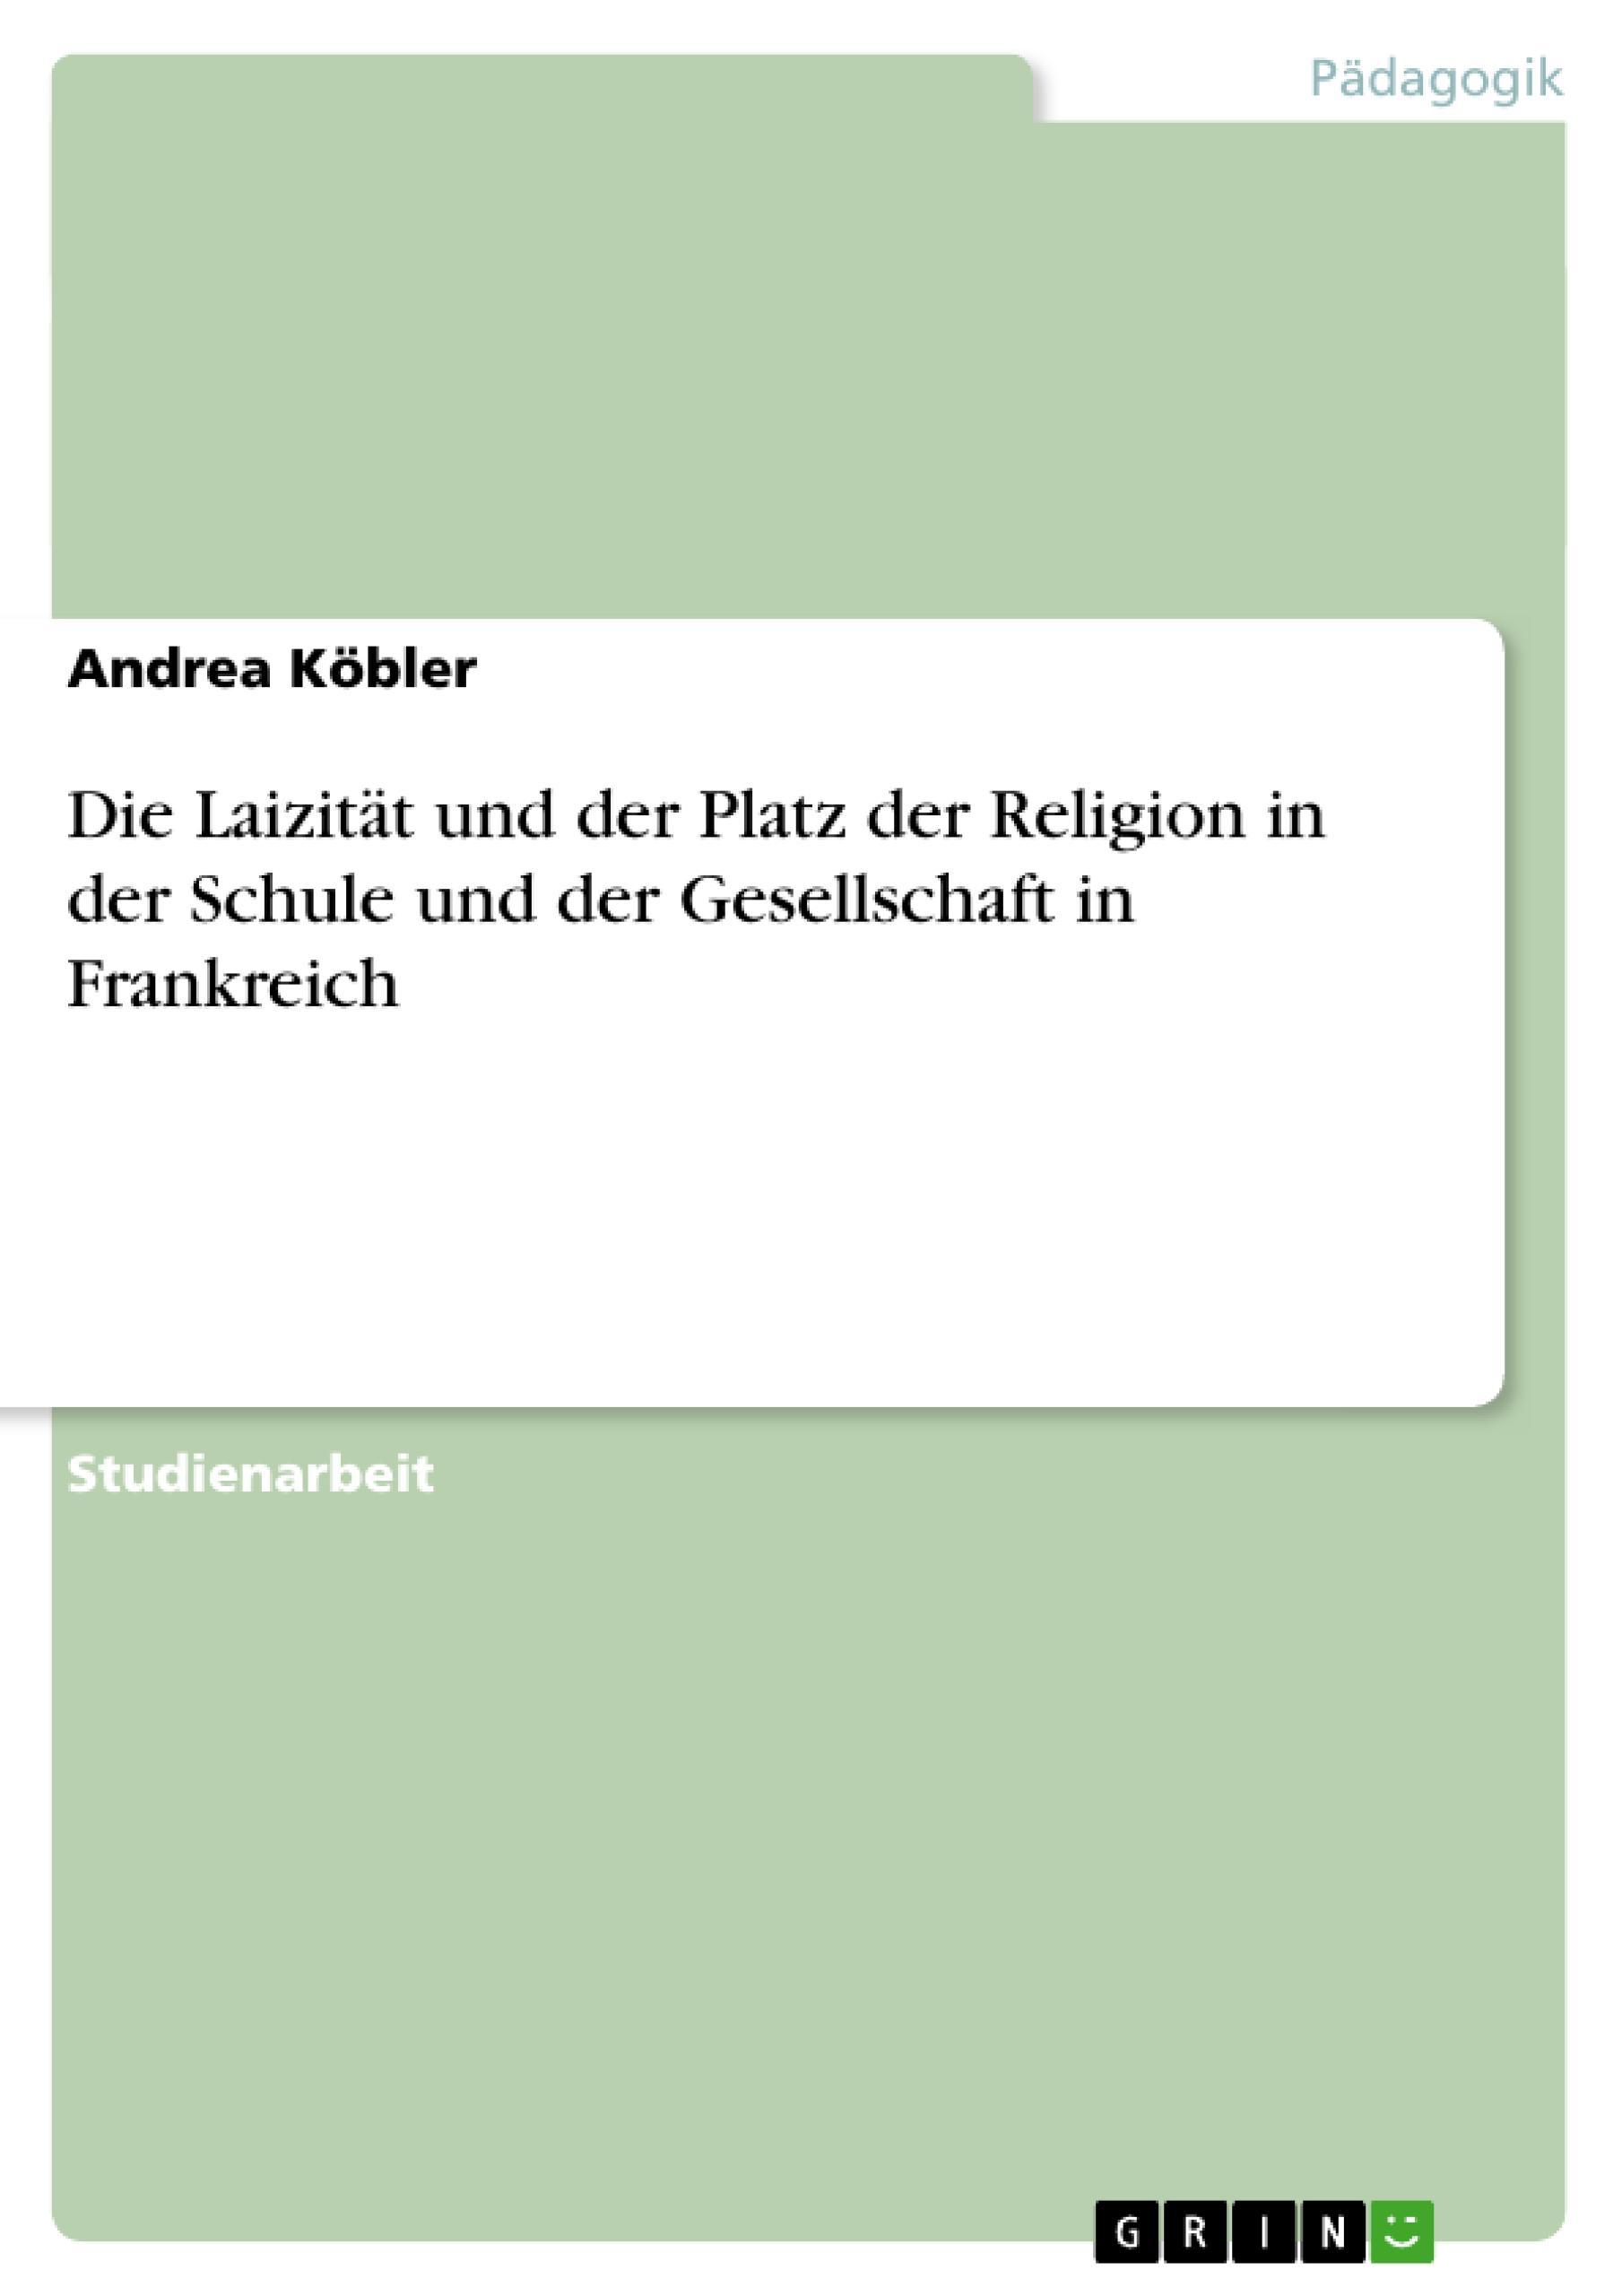 Die Laizität und der Platz der Religion in der Schule und der Gesellschaft in Frankreich  Andrea Köbler  Taschenbuch  Deutsch  2011 - Köbler, Andrea